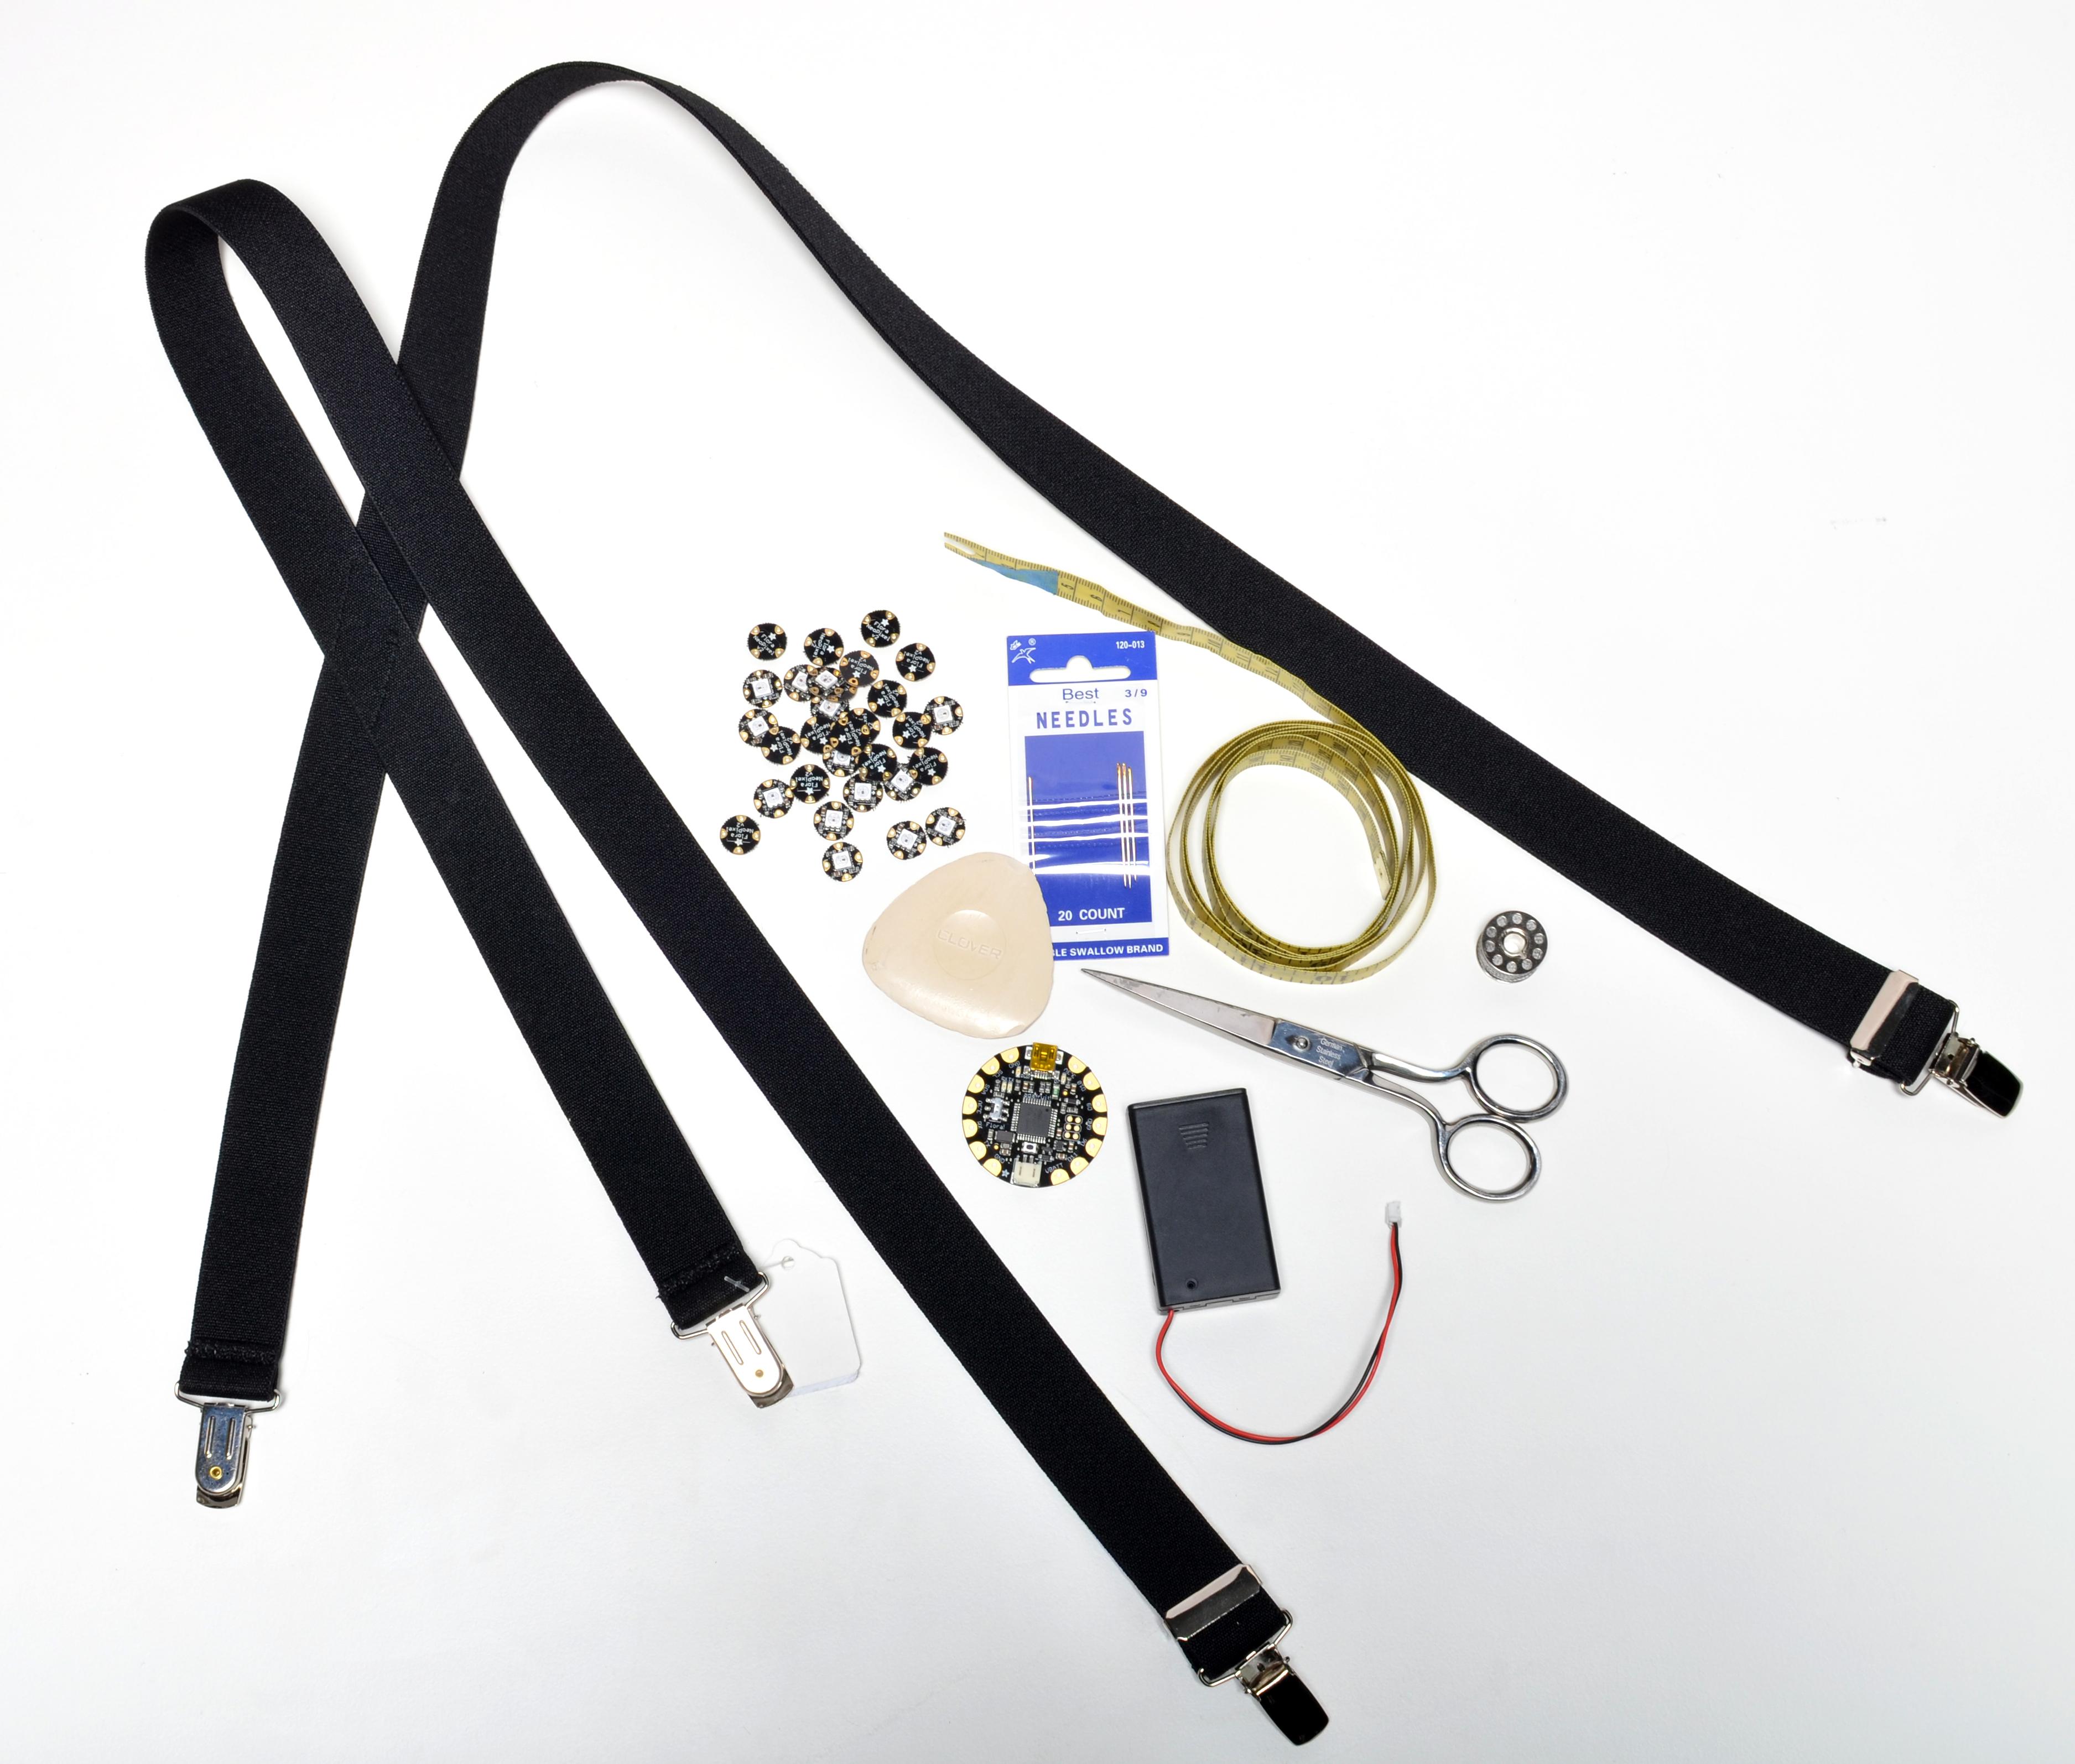 flora_adafruit-pixel-suspenders-materials.jpg